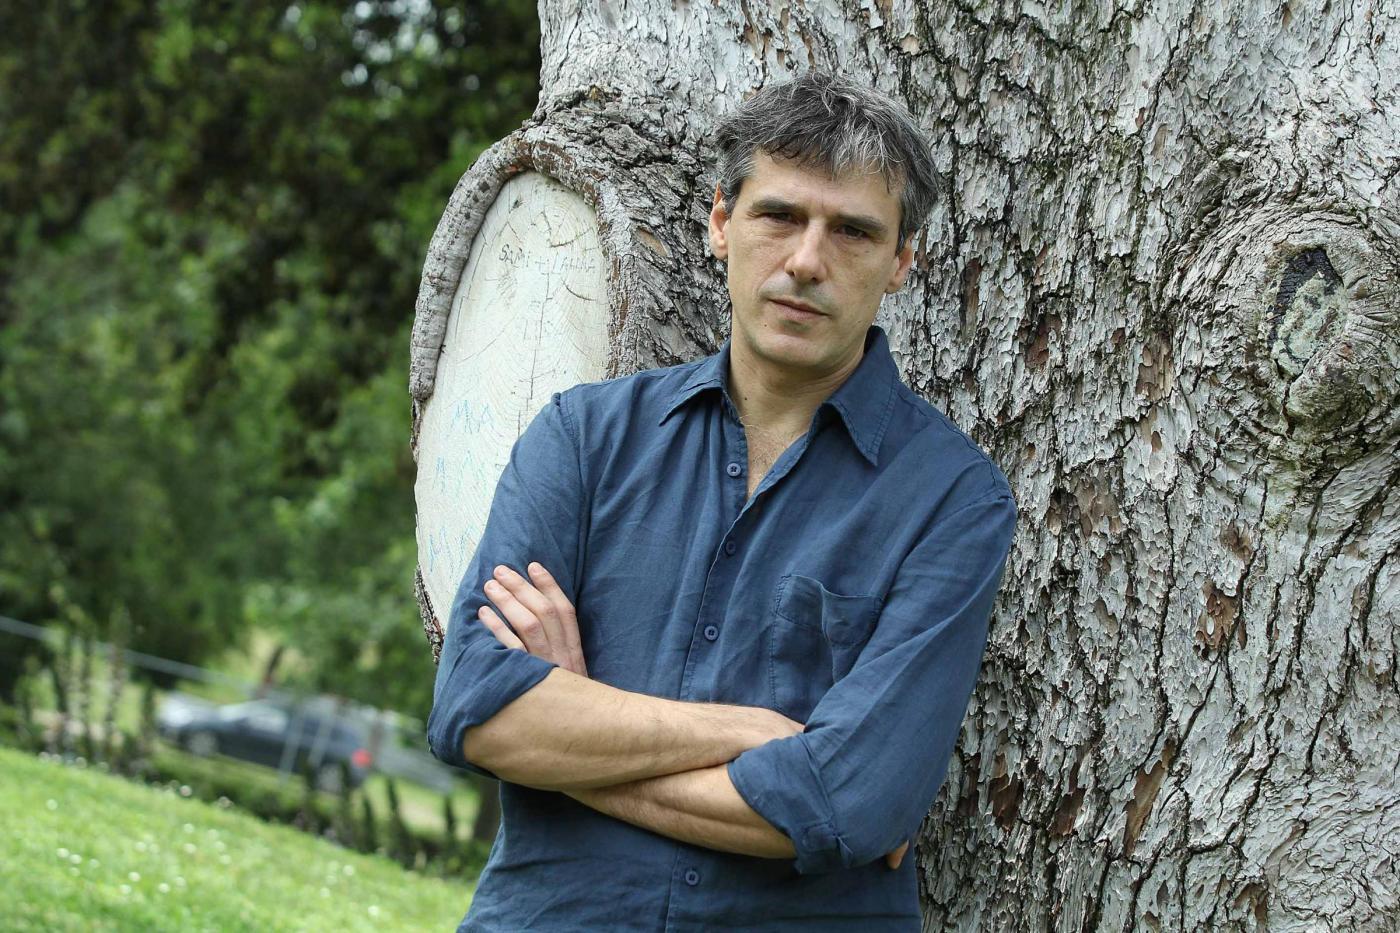 Stefano Dionisi arrestato per spaccio e detenzione di droga